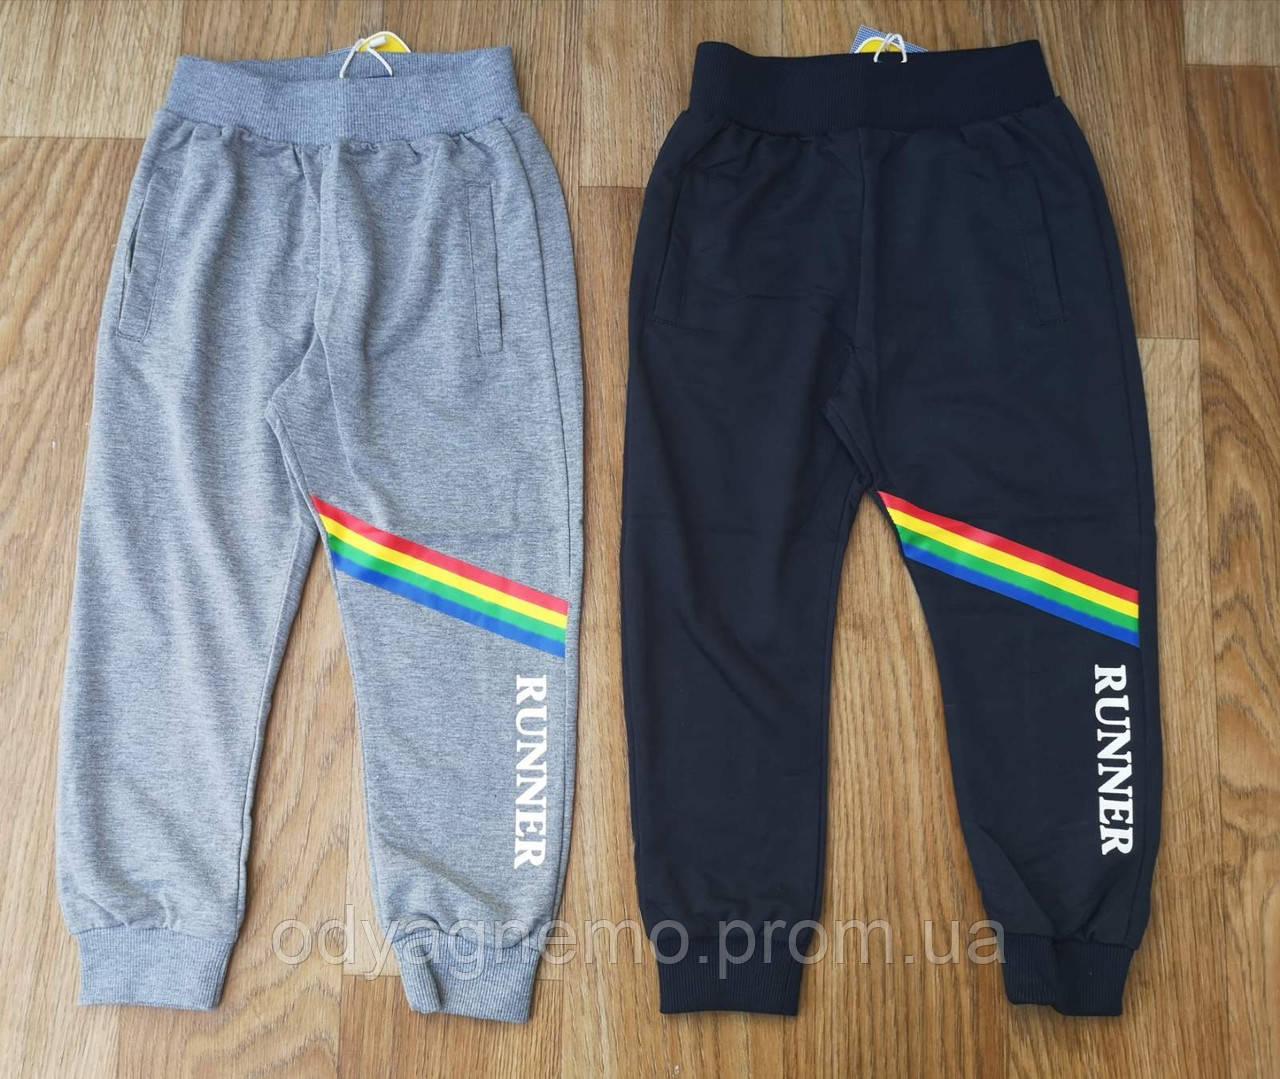 Спортивные брюки для мальчиков Cross Fire, 3-7 лет. Артикул: CF0339